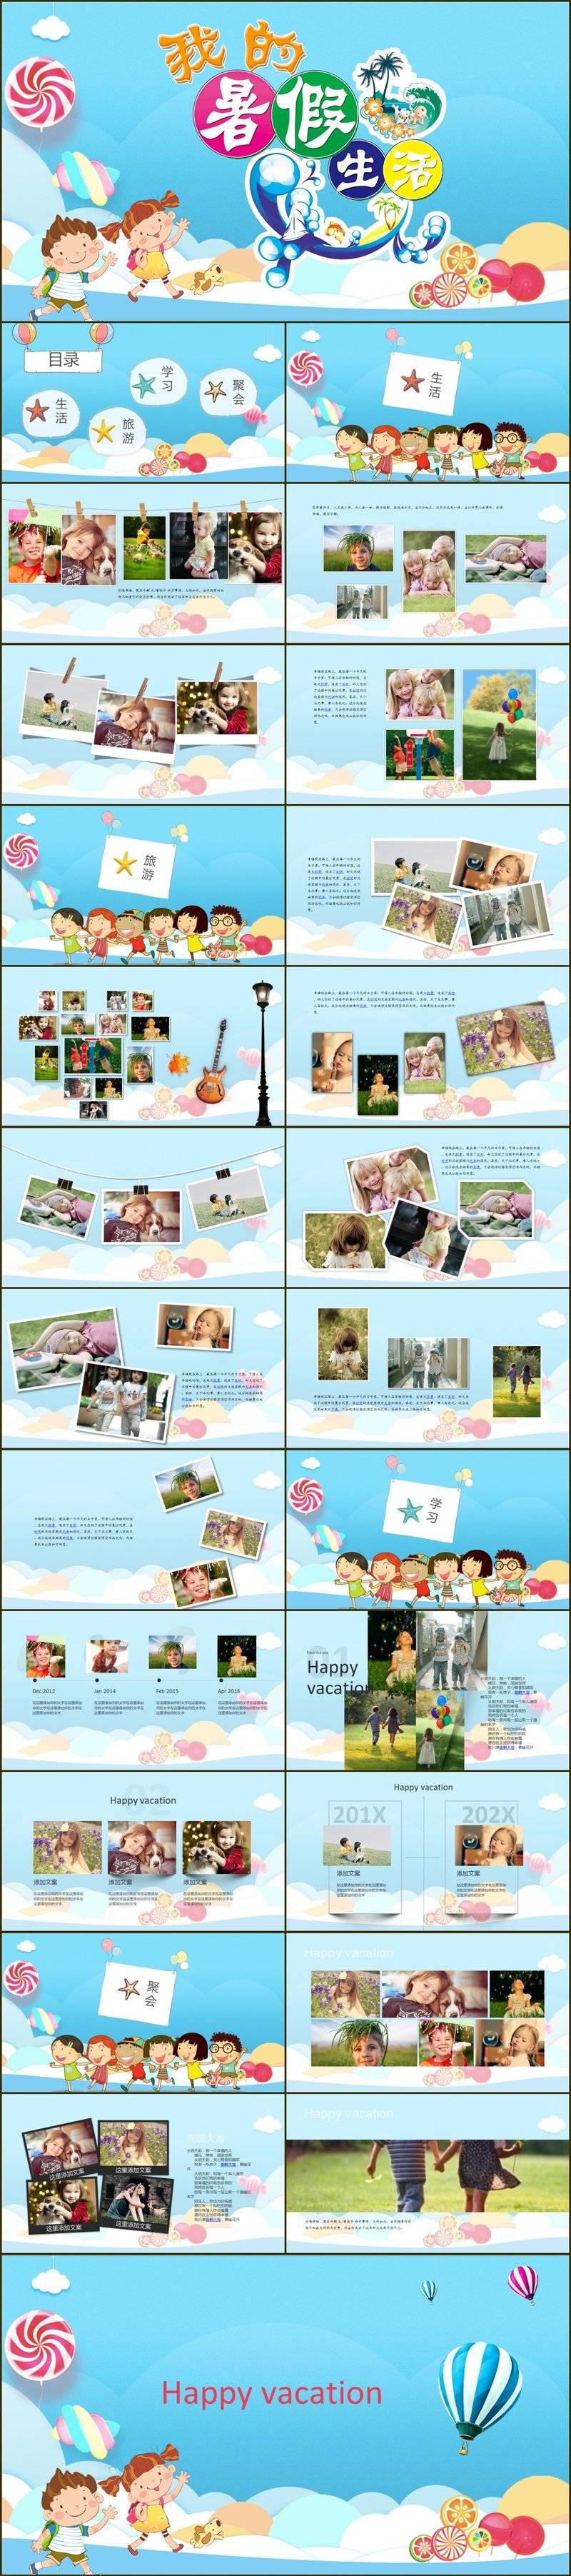 蓝色卡通儿童我的快乐暑假生活学习计划成长相册PPT模板